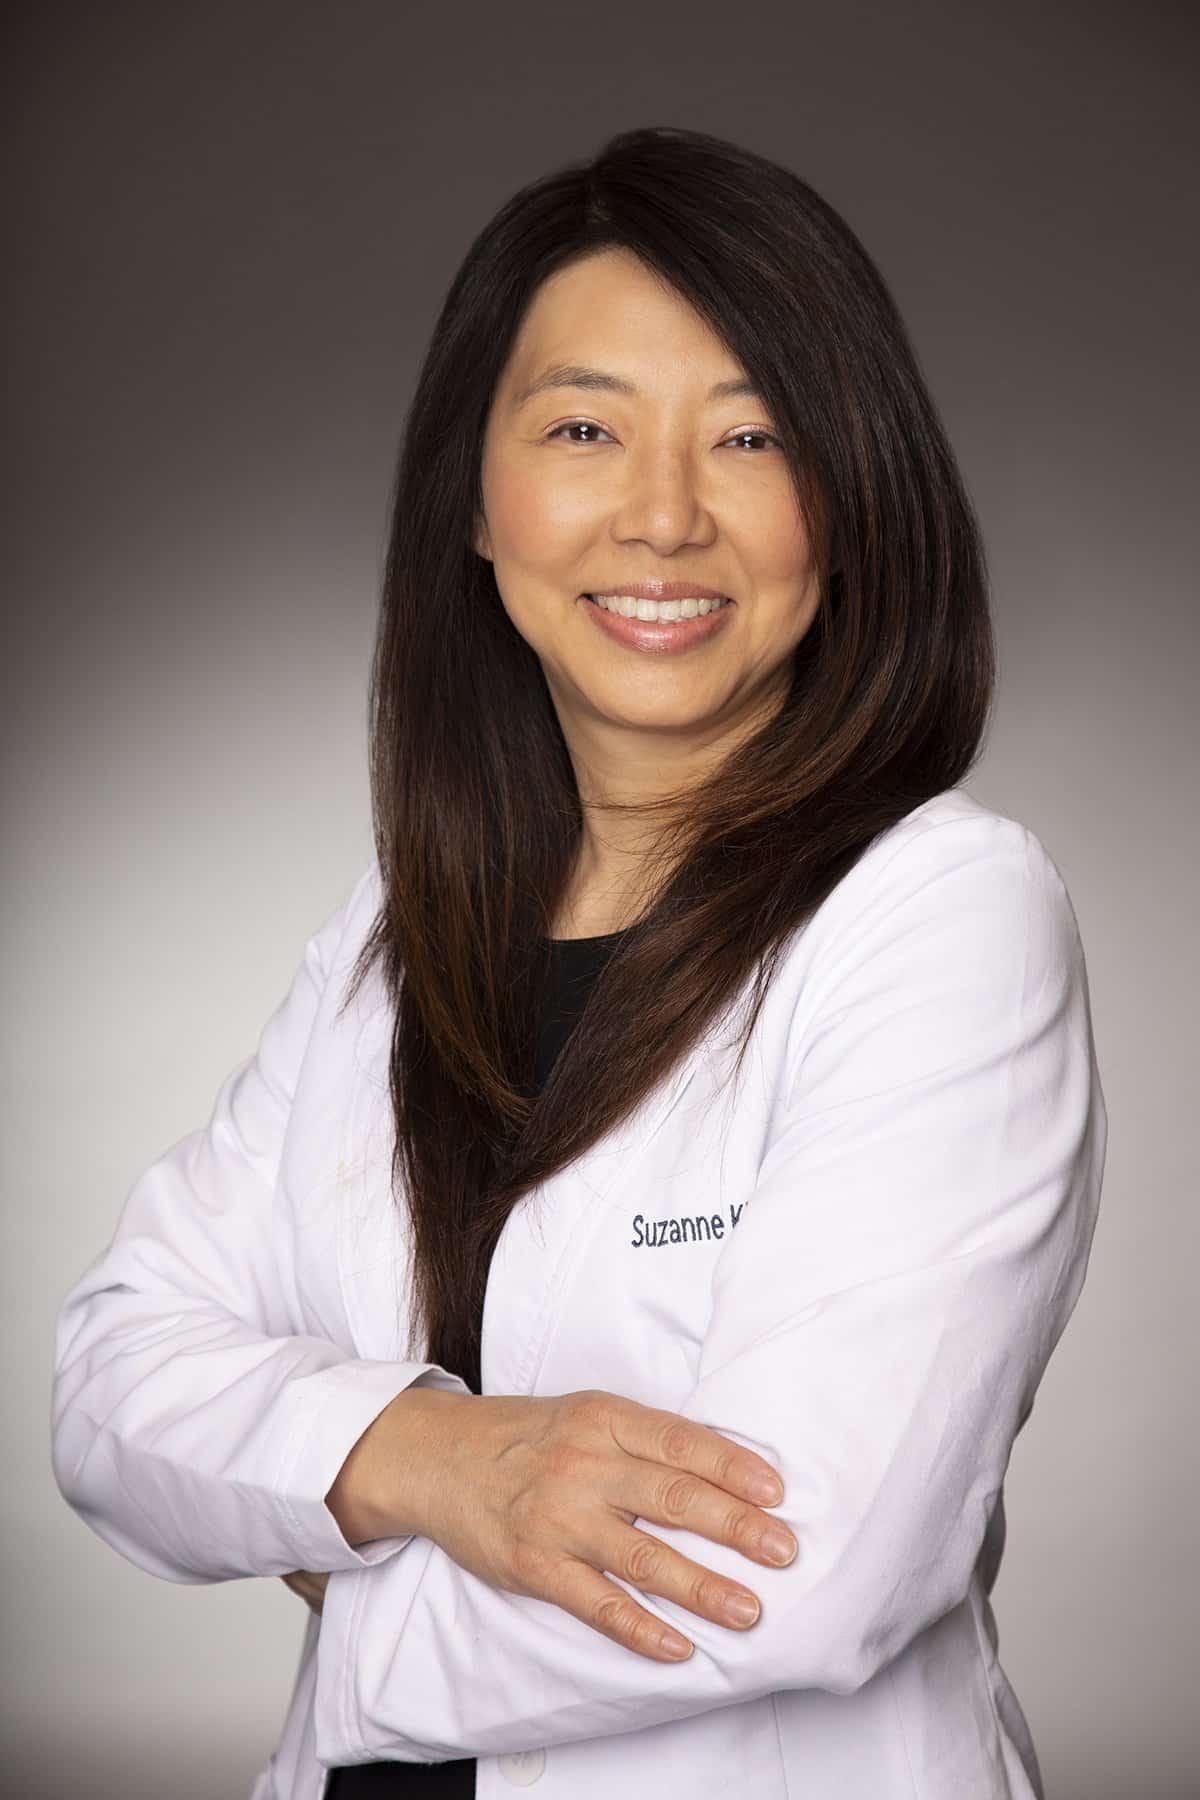 Dr. Suzanne kim irvine california